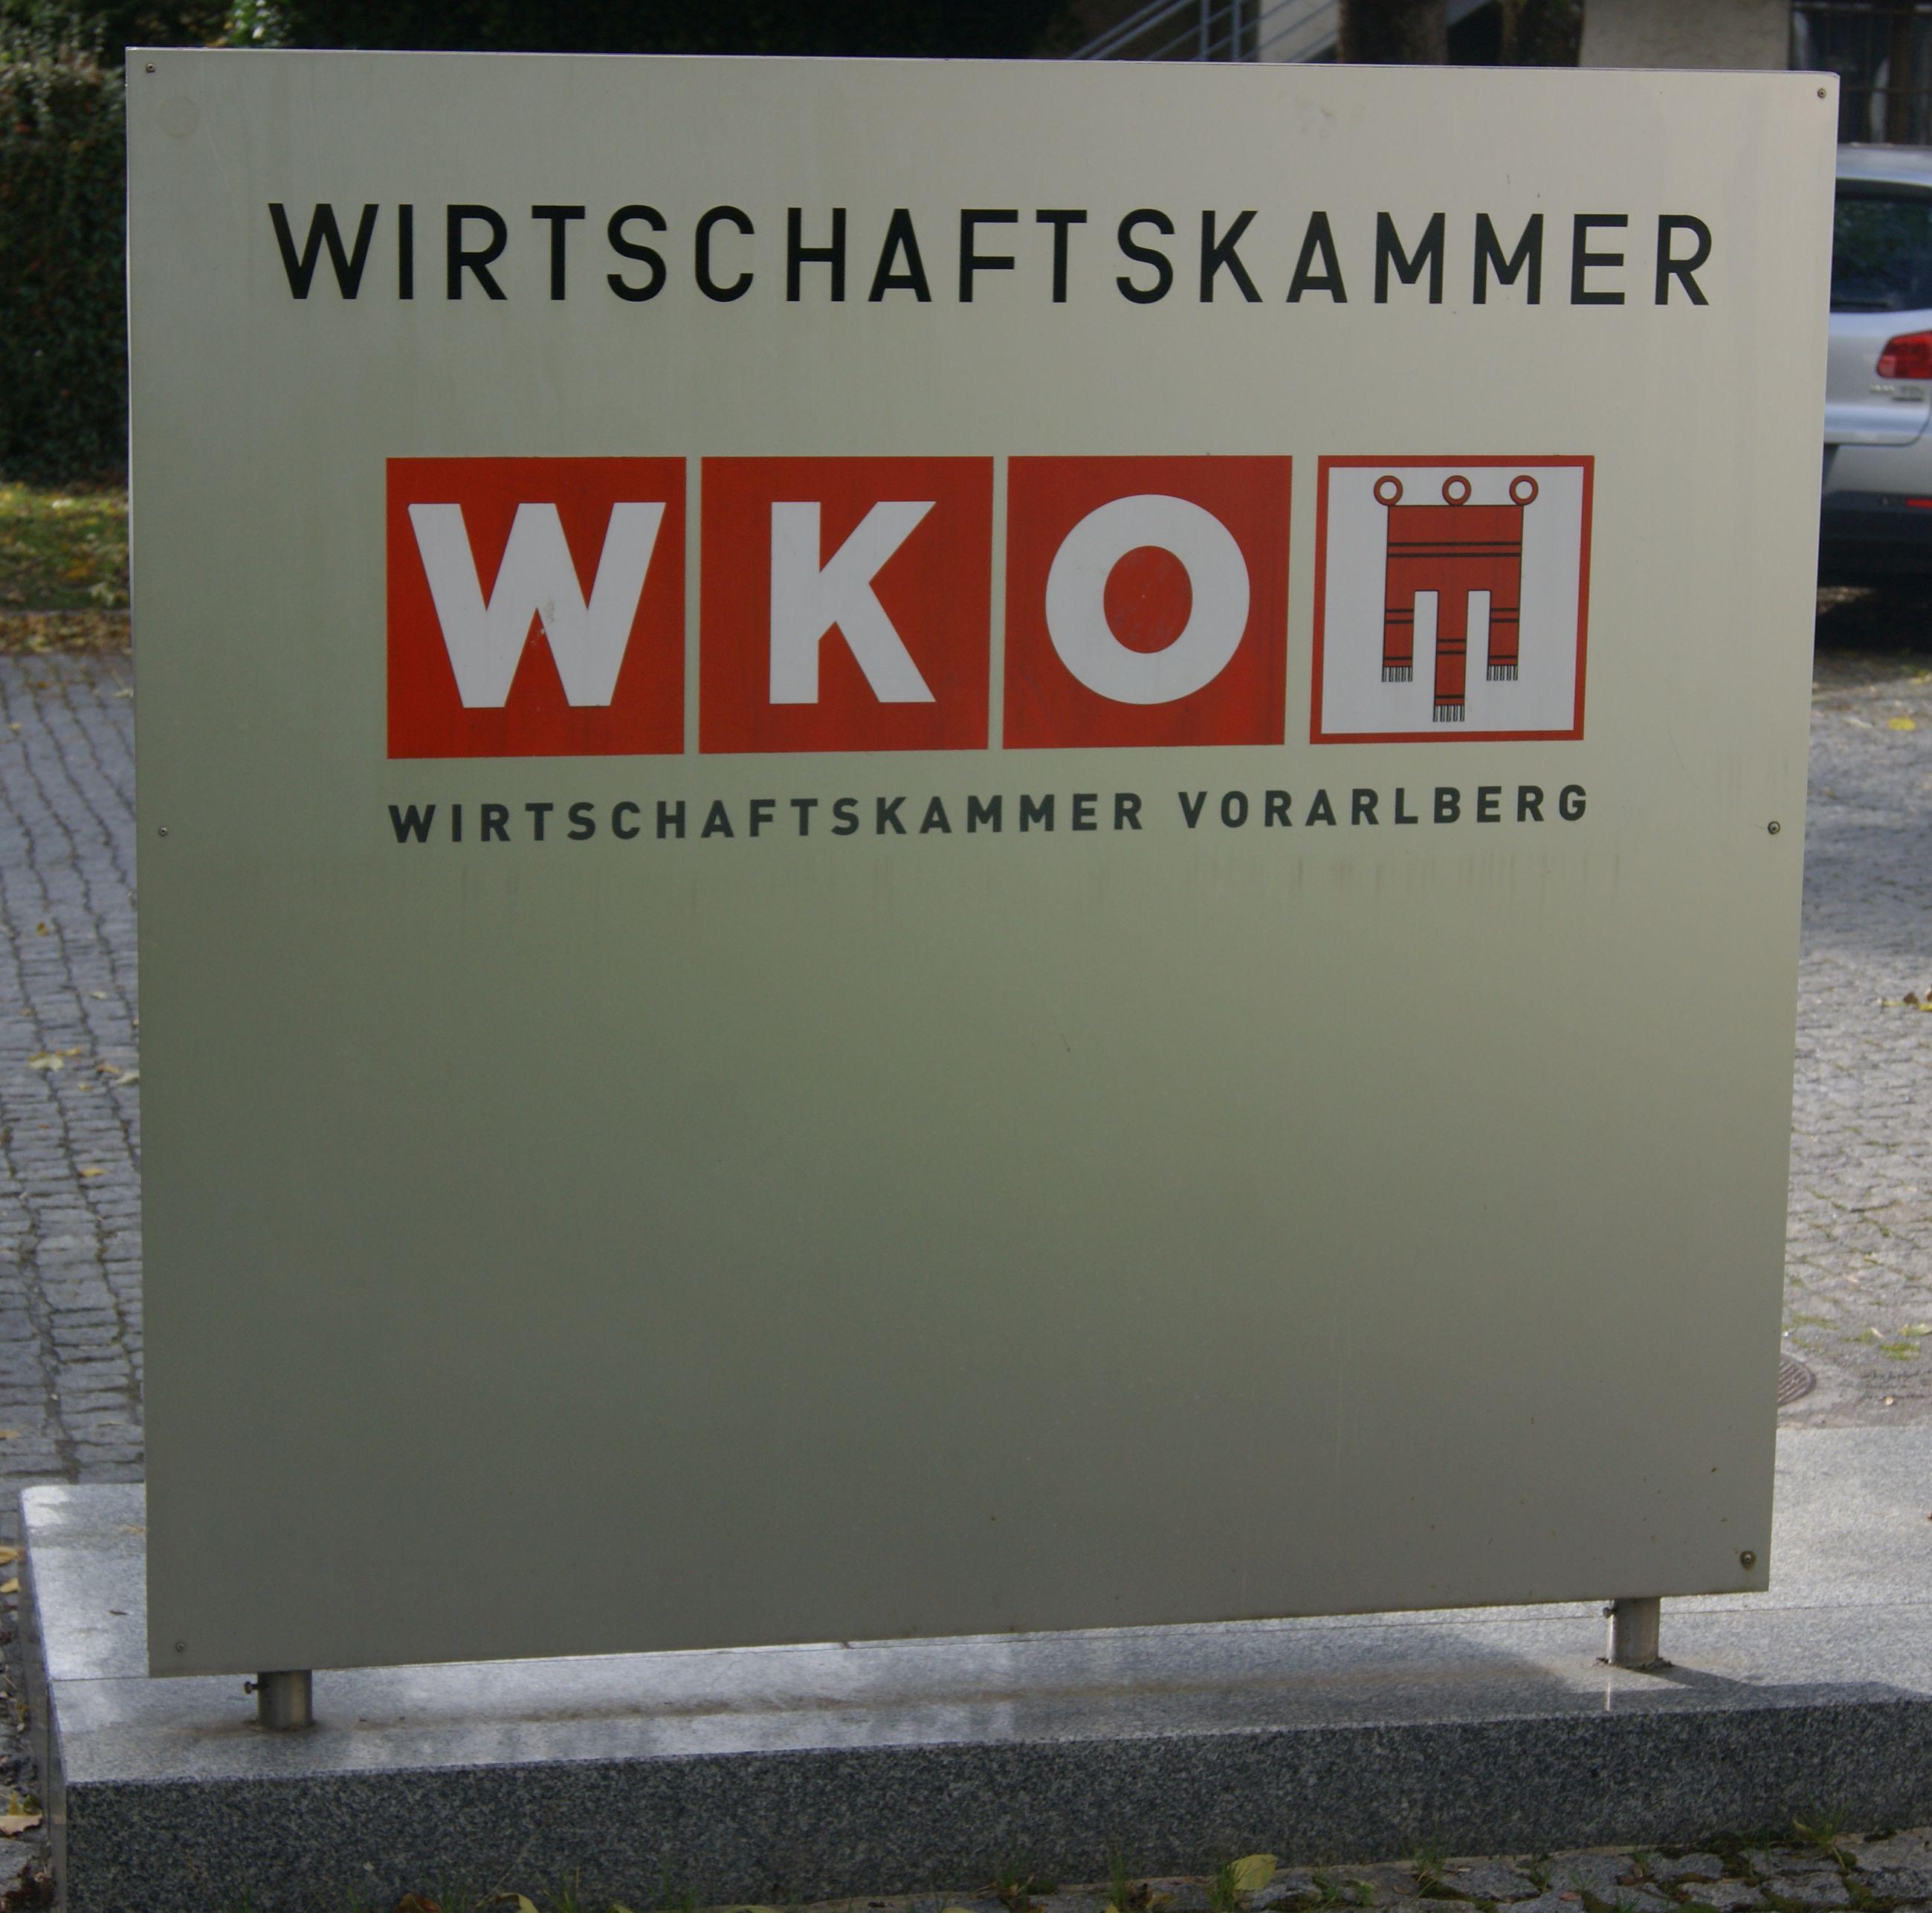 Wirtschaftskammer Vorarlberg Wikipedia